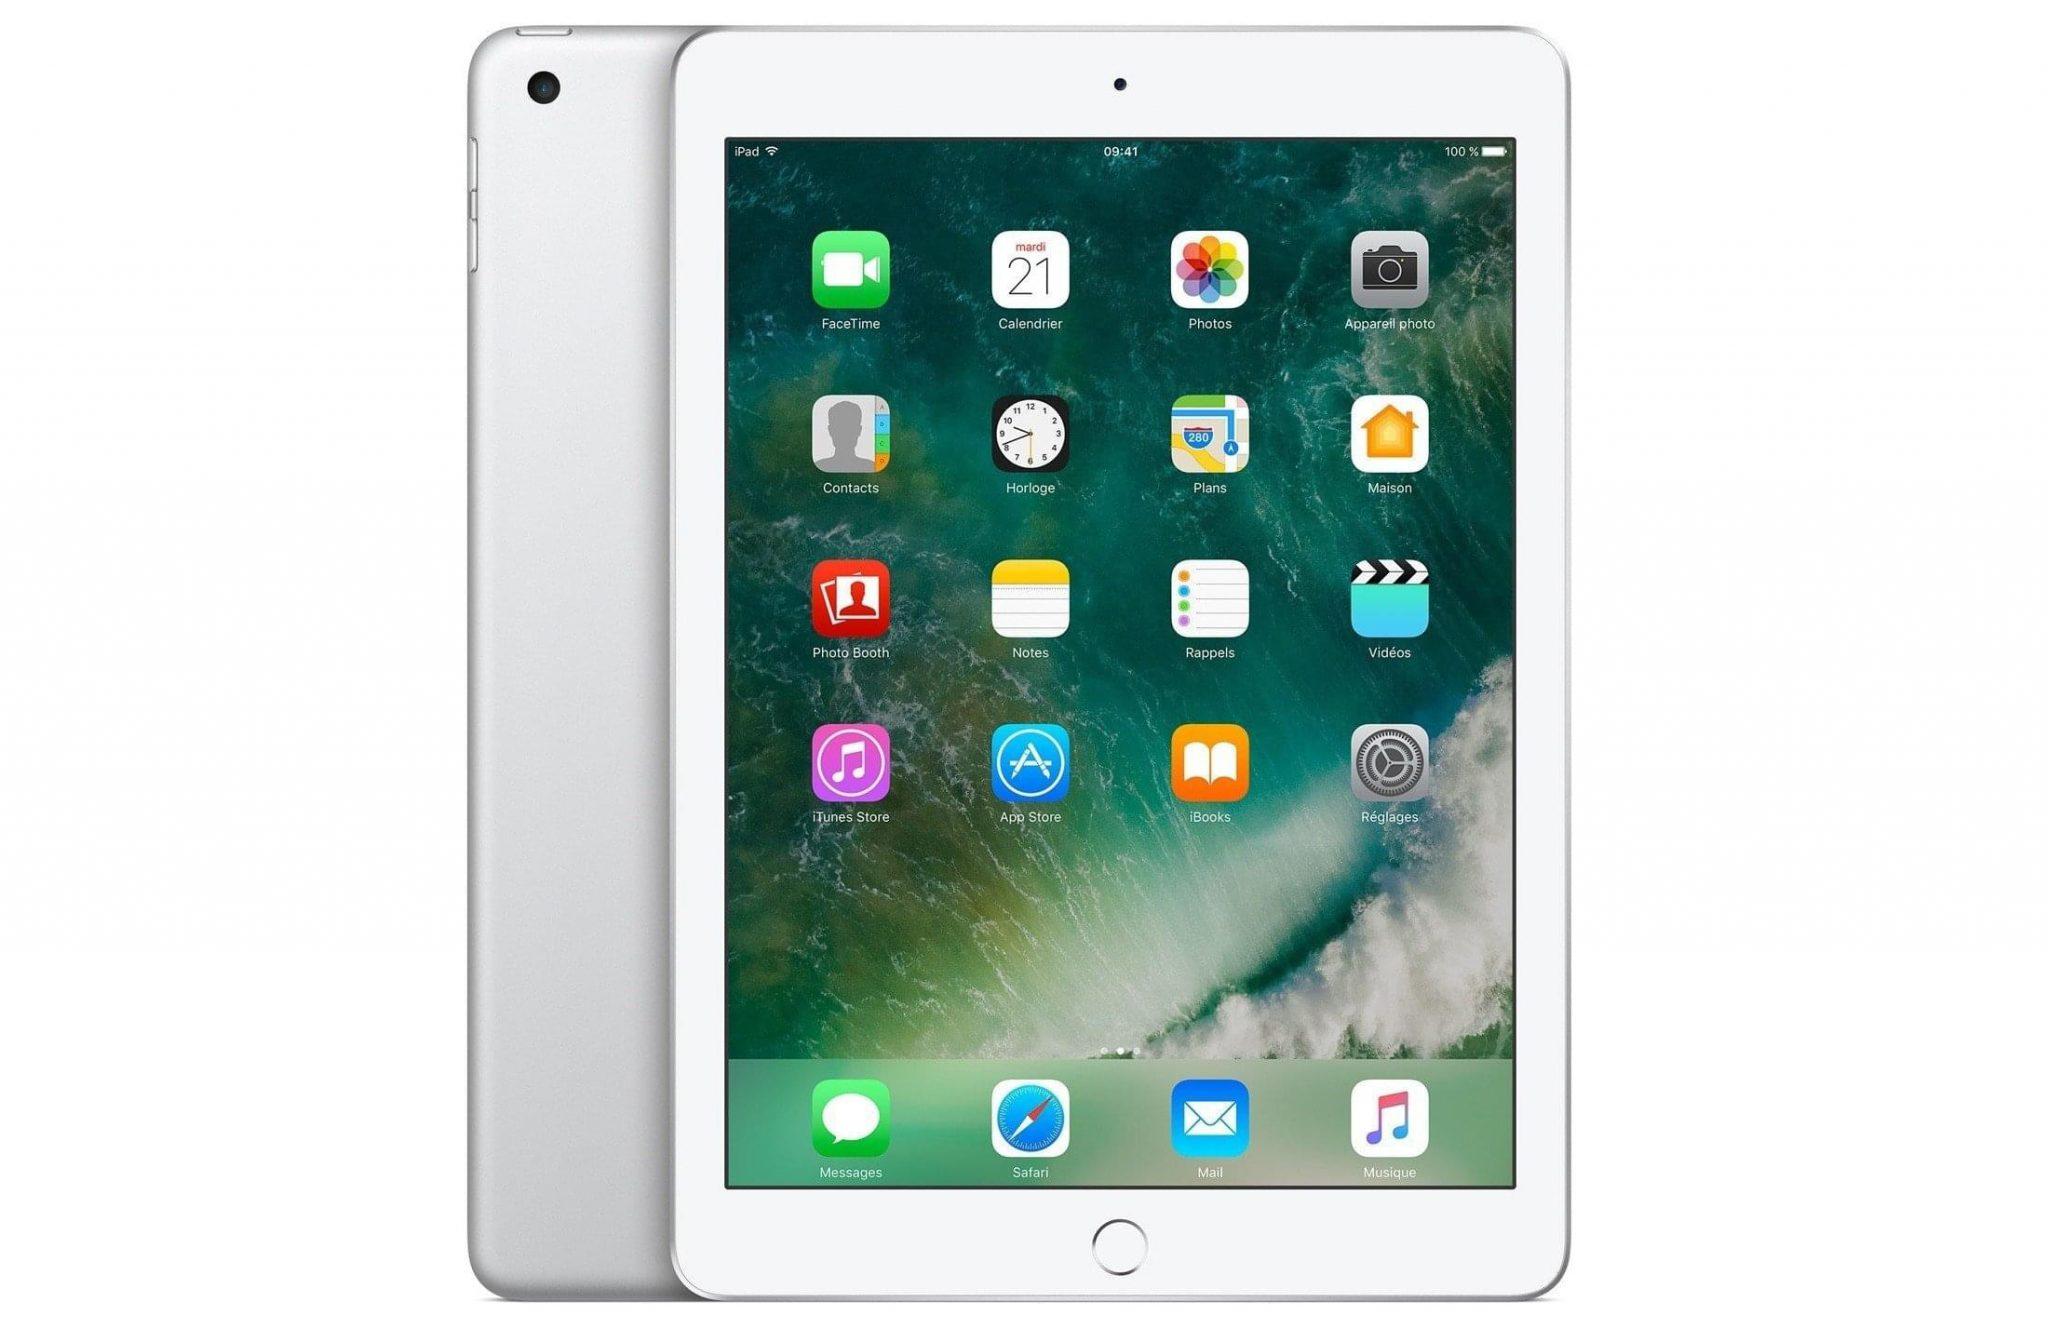 iPad mini 4 silver color